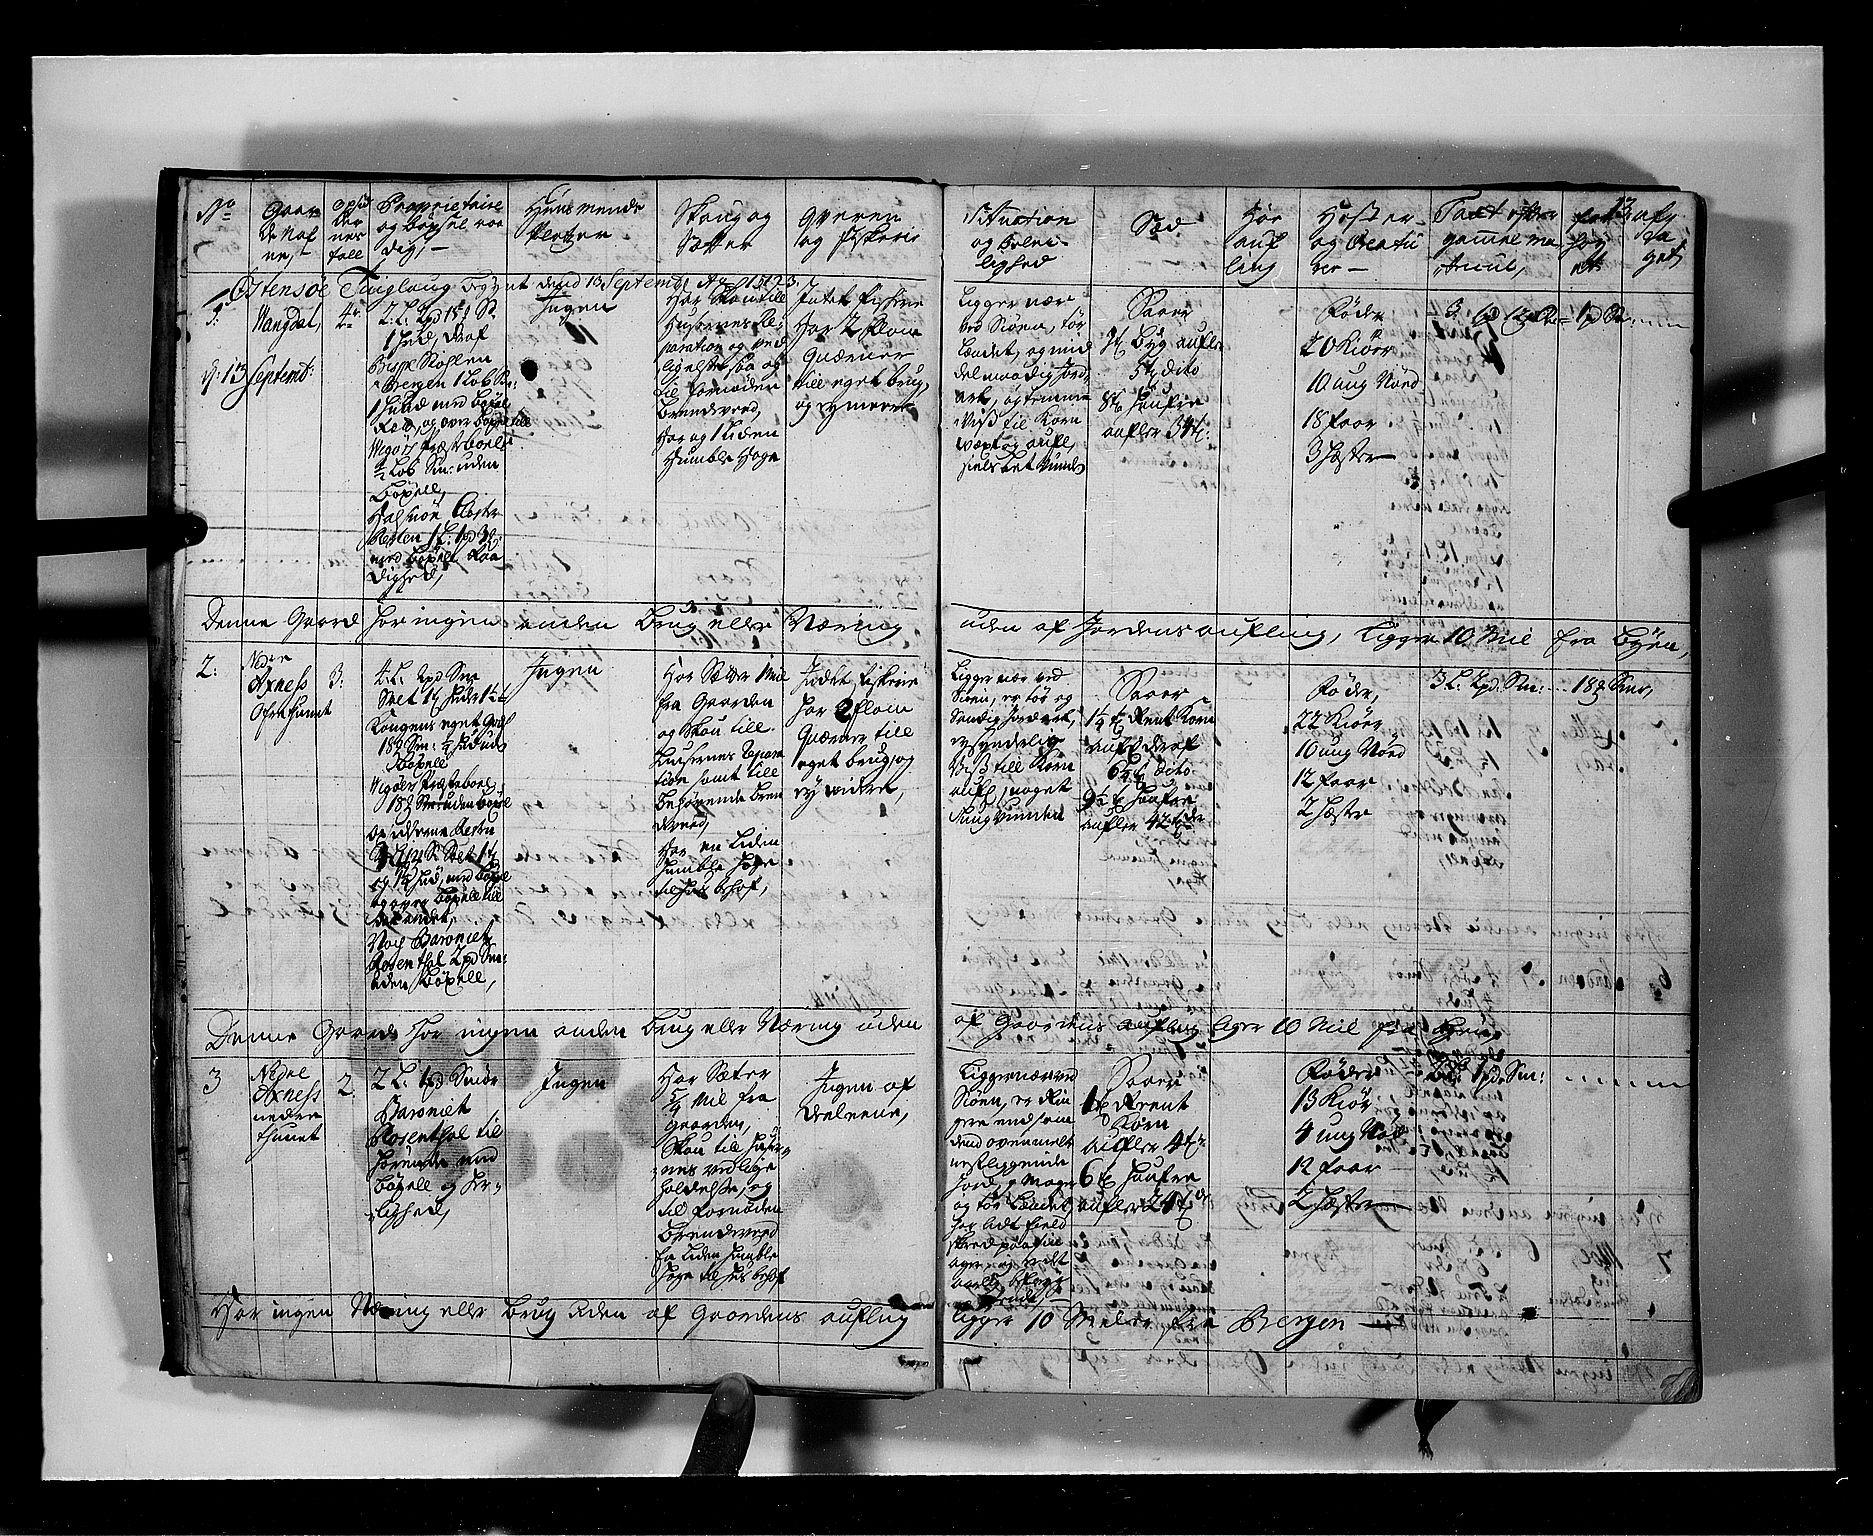 RA, Rentekammeret inntil 1814, Realistisk ordnet avdeling, N/Nb/Nbf/L0136: Hardanger eksaminasjonsprotokoll, 1723, s. 12b-13a